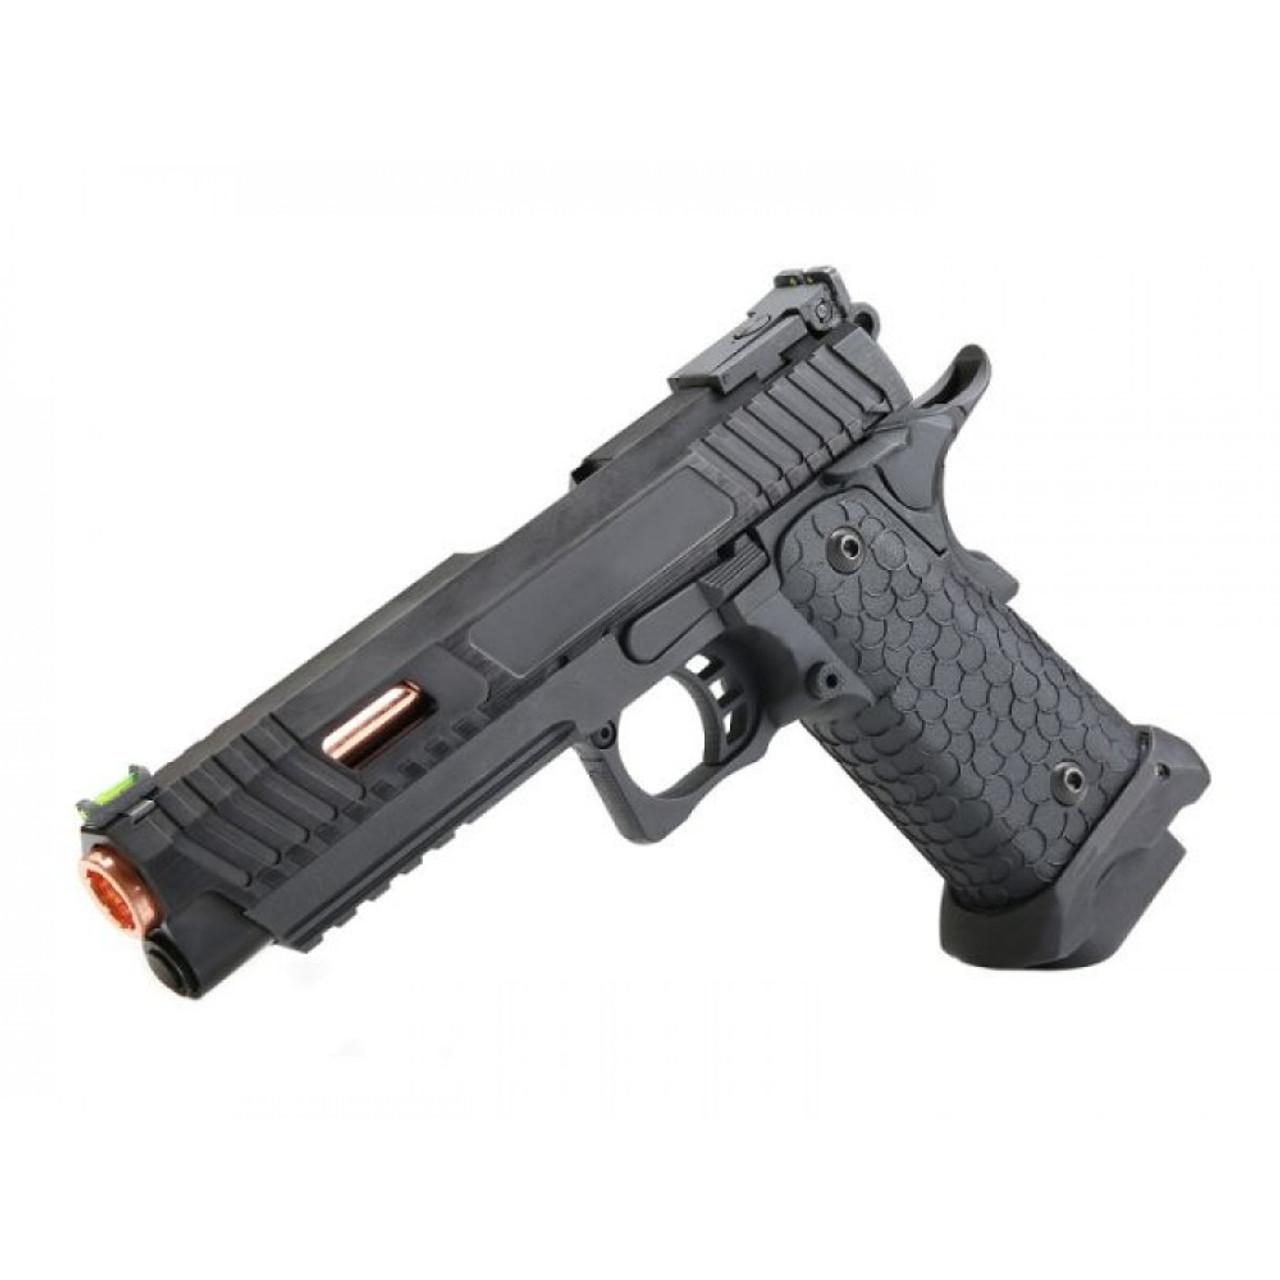 SRC Baba Yaga Combat Master Hi- Capa 5.1 Gas Pistol